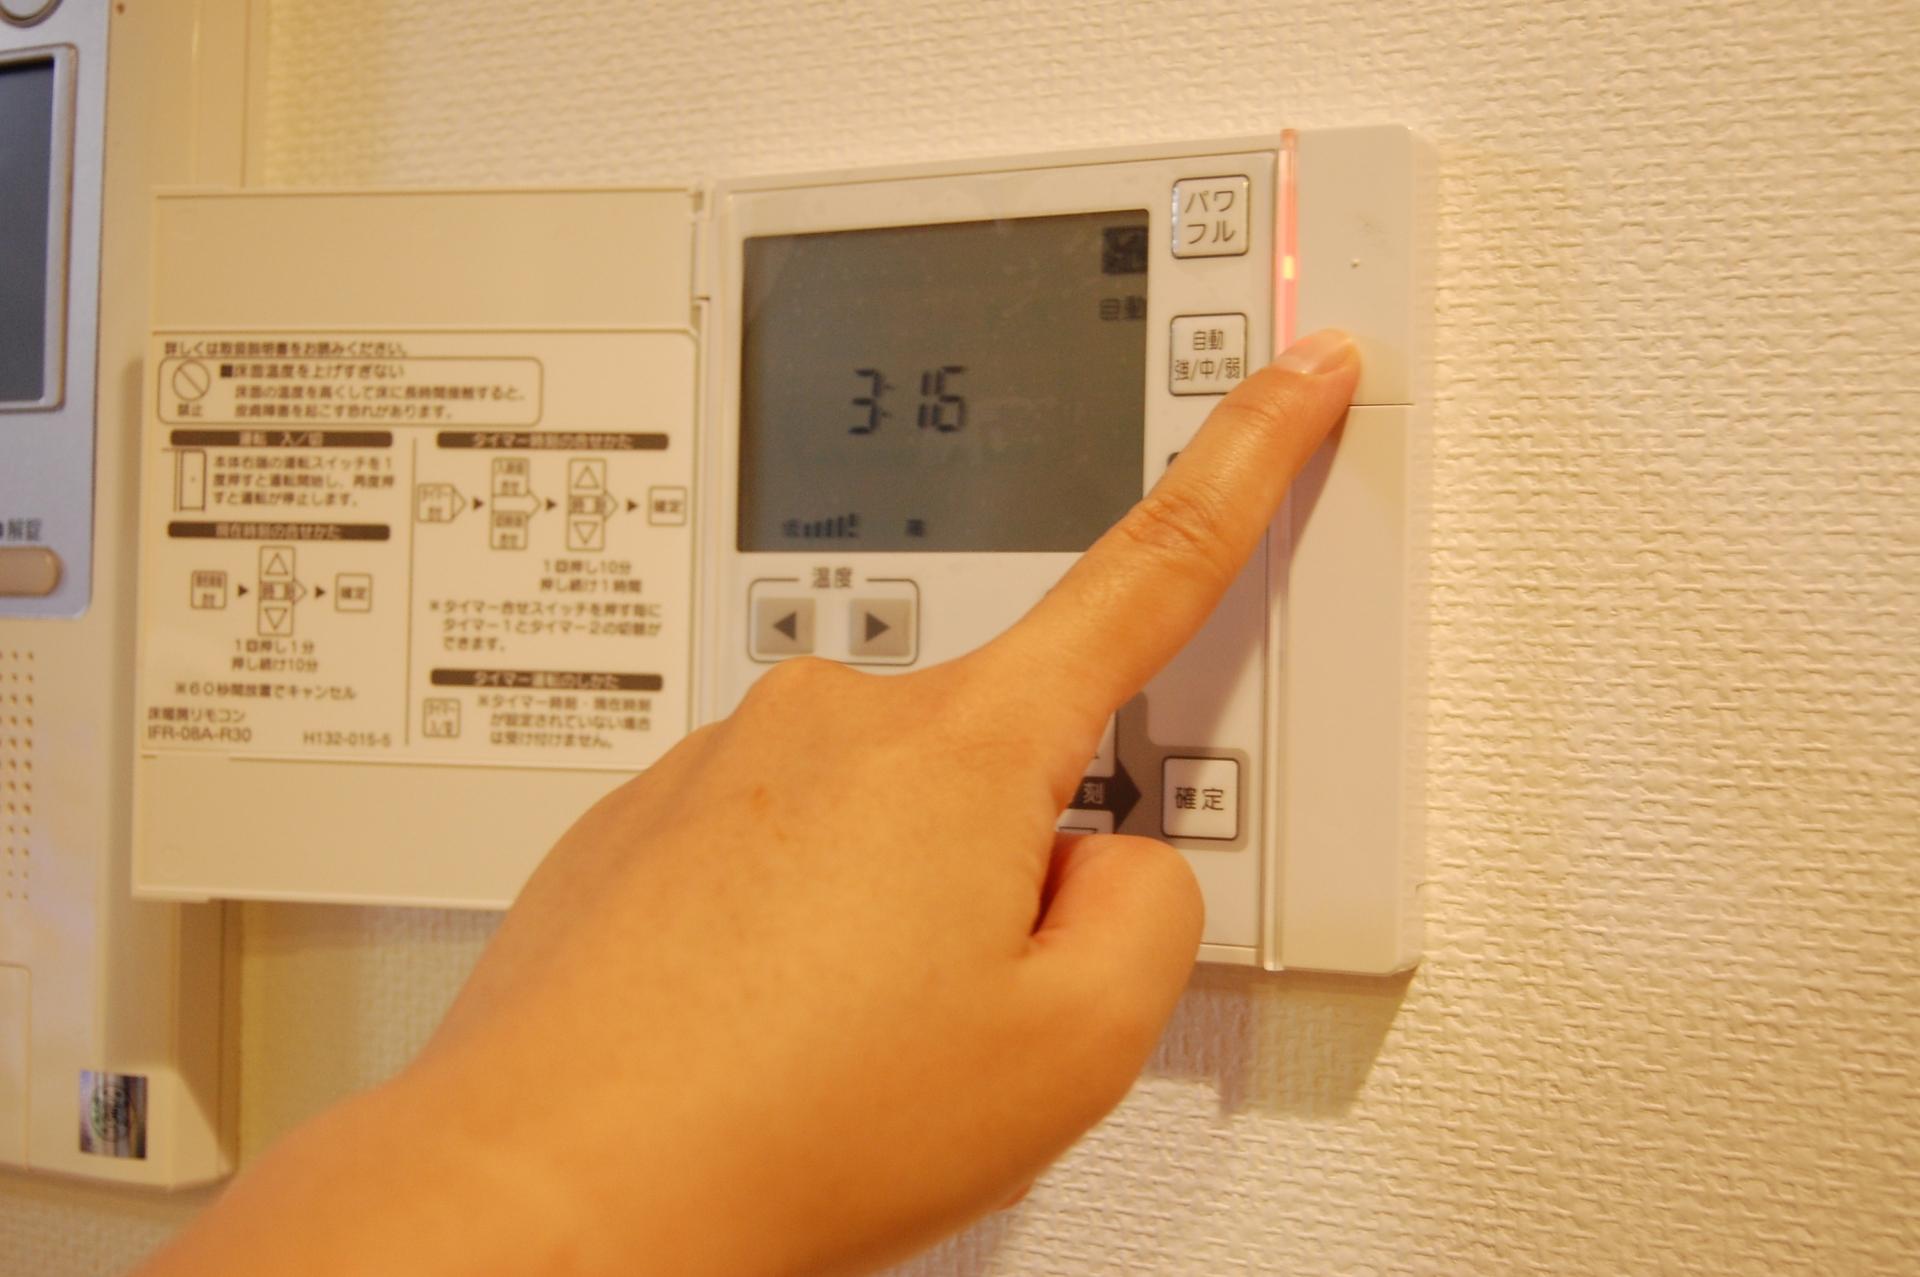 ガス温水式床暖房の仕組みとメリット・デメリット